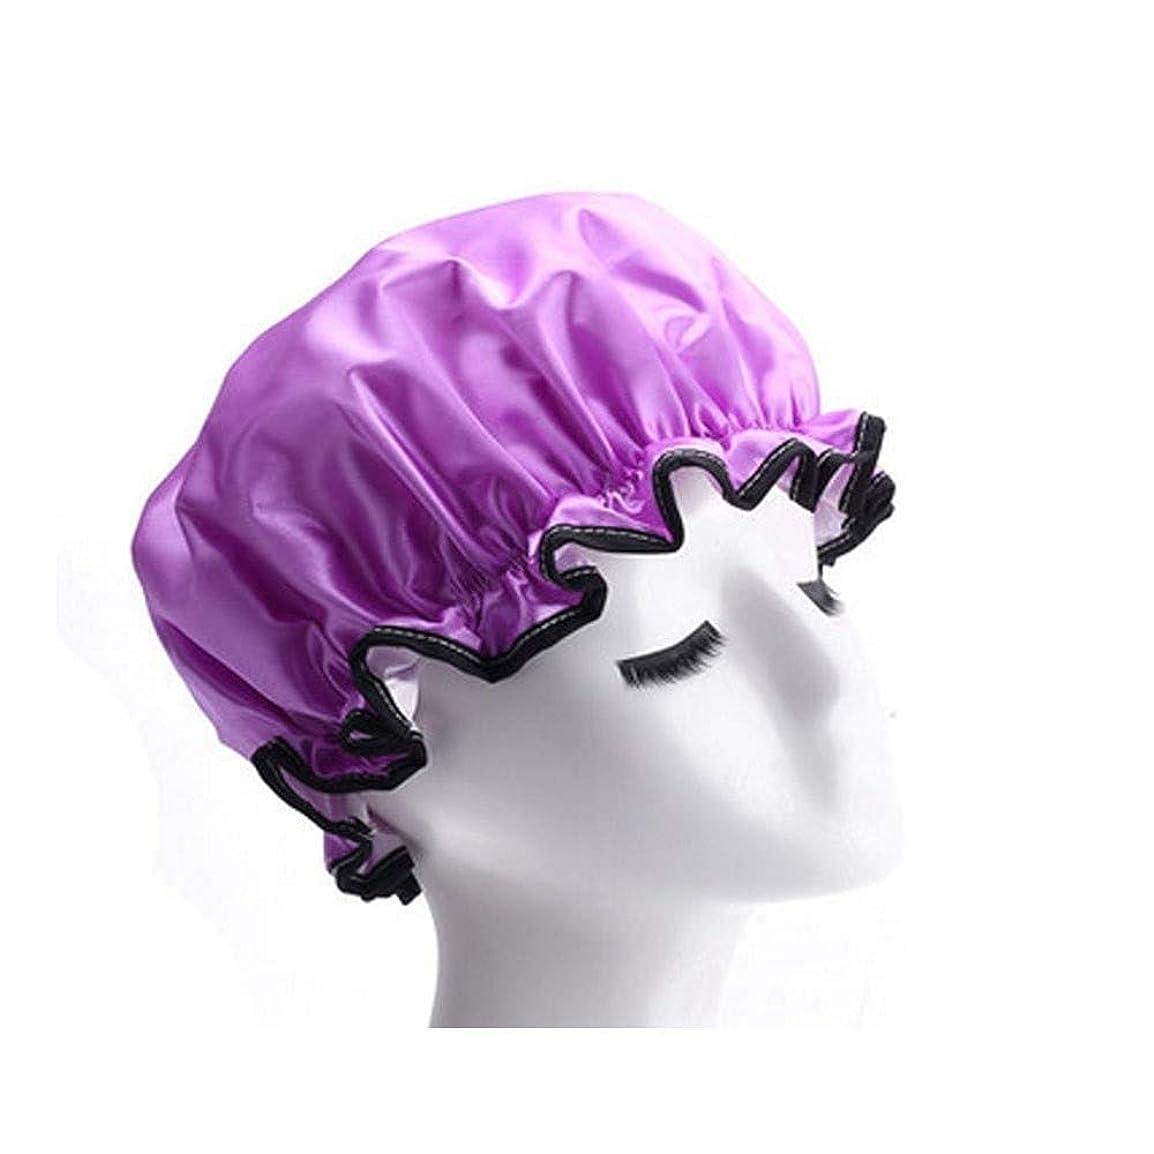 チーターキャビン証明書XFHA キャップシャワー、女性が女性のすべての髪の長さと厚さに適しキャップデラックスシャワーキャップシャワー - 耐性防水やカビ、再利用可能なシャワー。 シンプルで実用的な製品 (Color : 1)